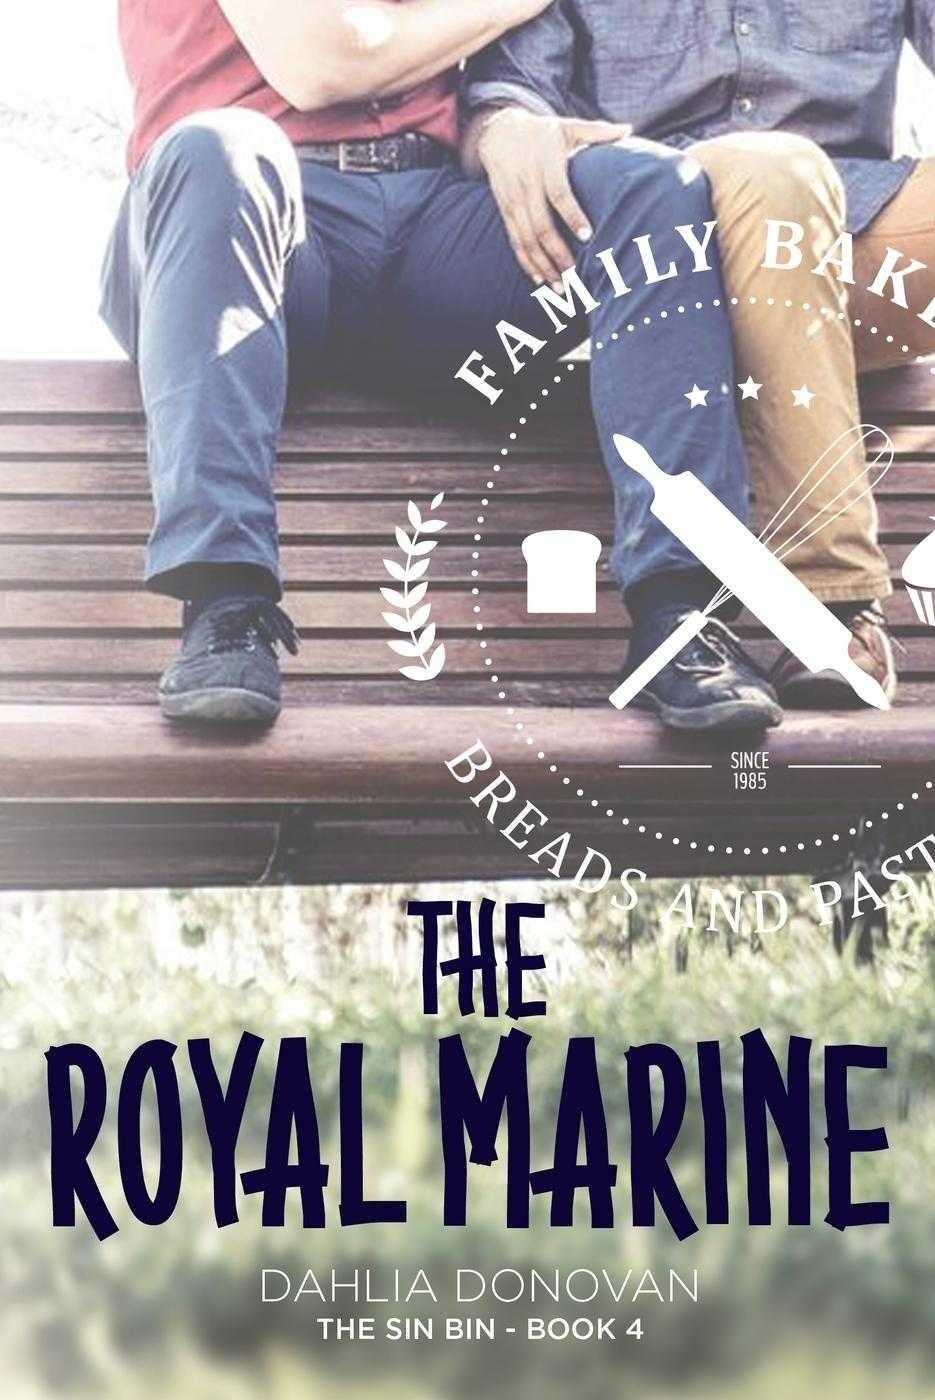 EPUB The Royal Marine by Dahlia Donovan